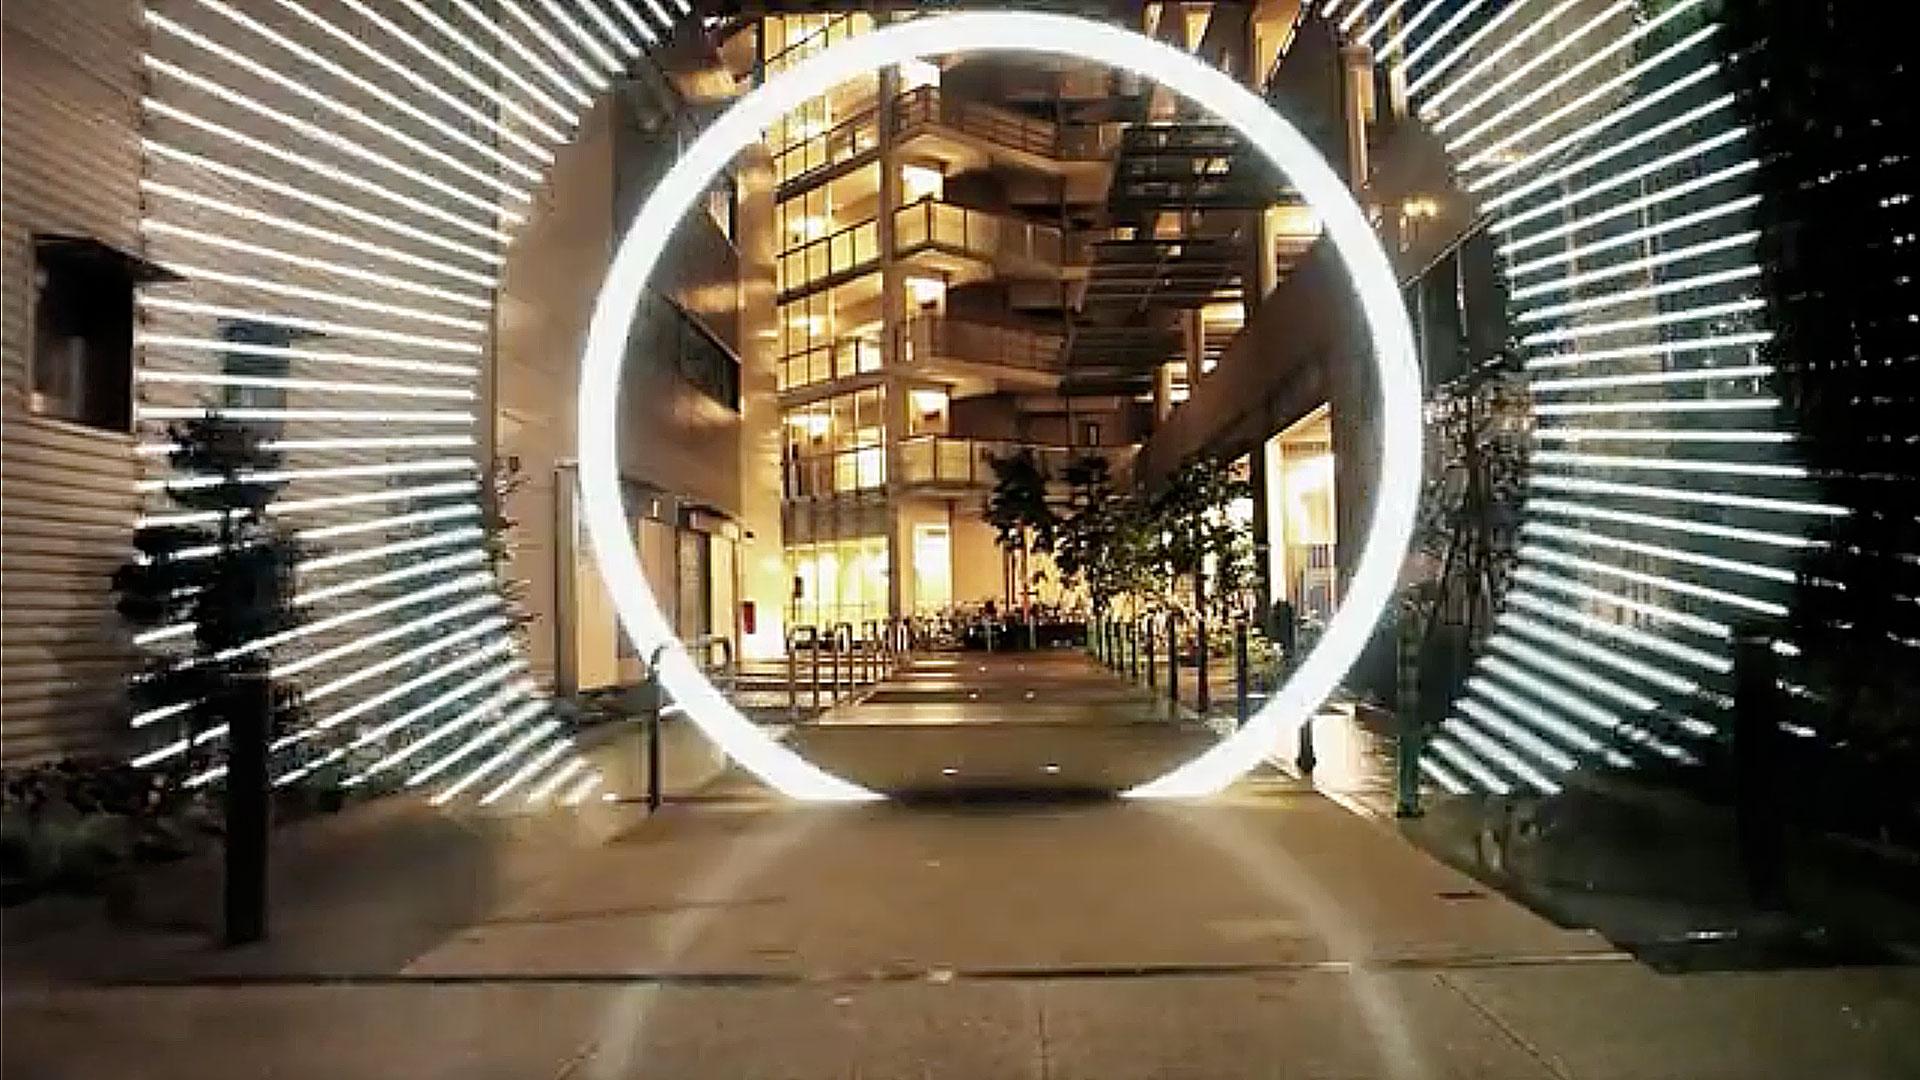 Night Stroll Through Streets Of Tokyo By Tao Tajima TV Magnificent Night Stroll Tao Tajima